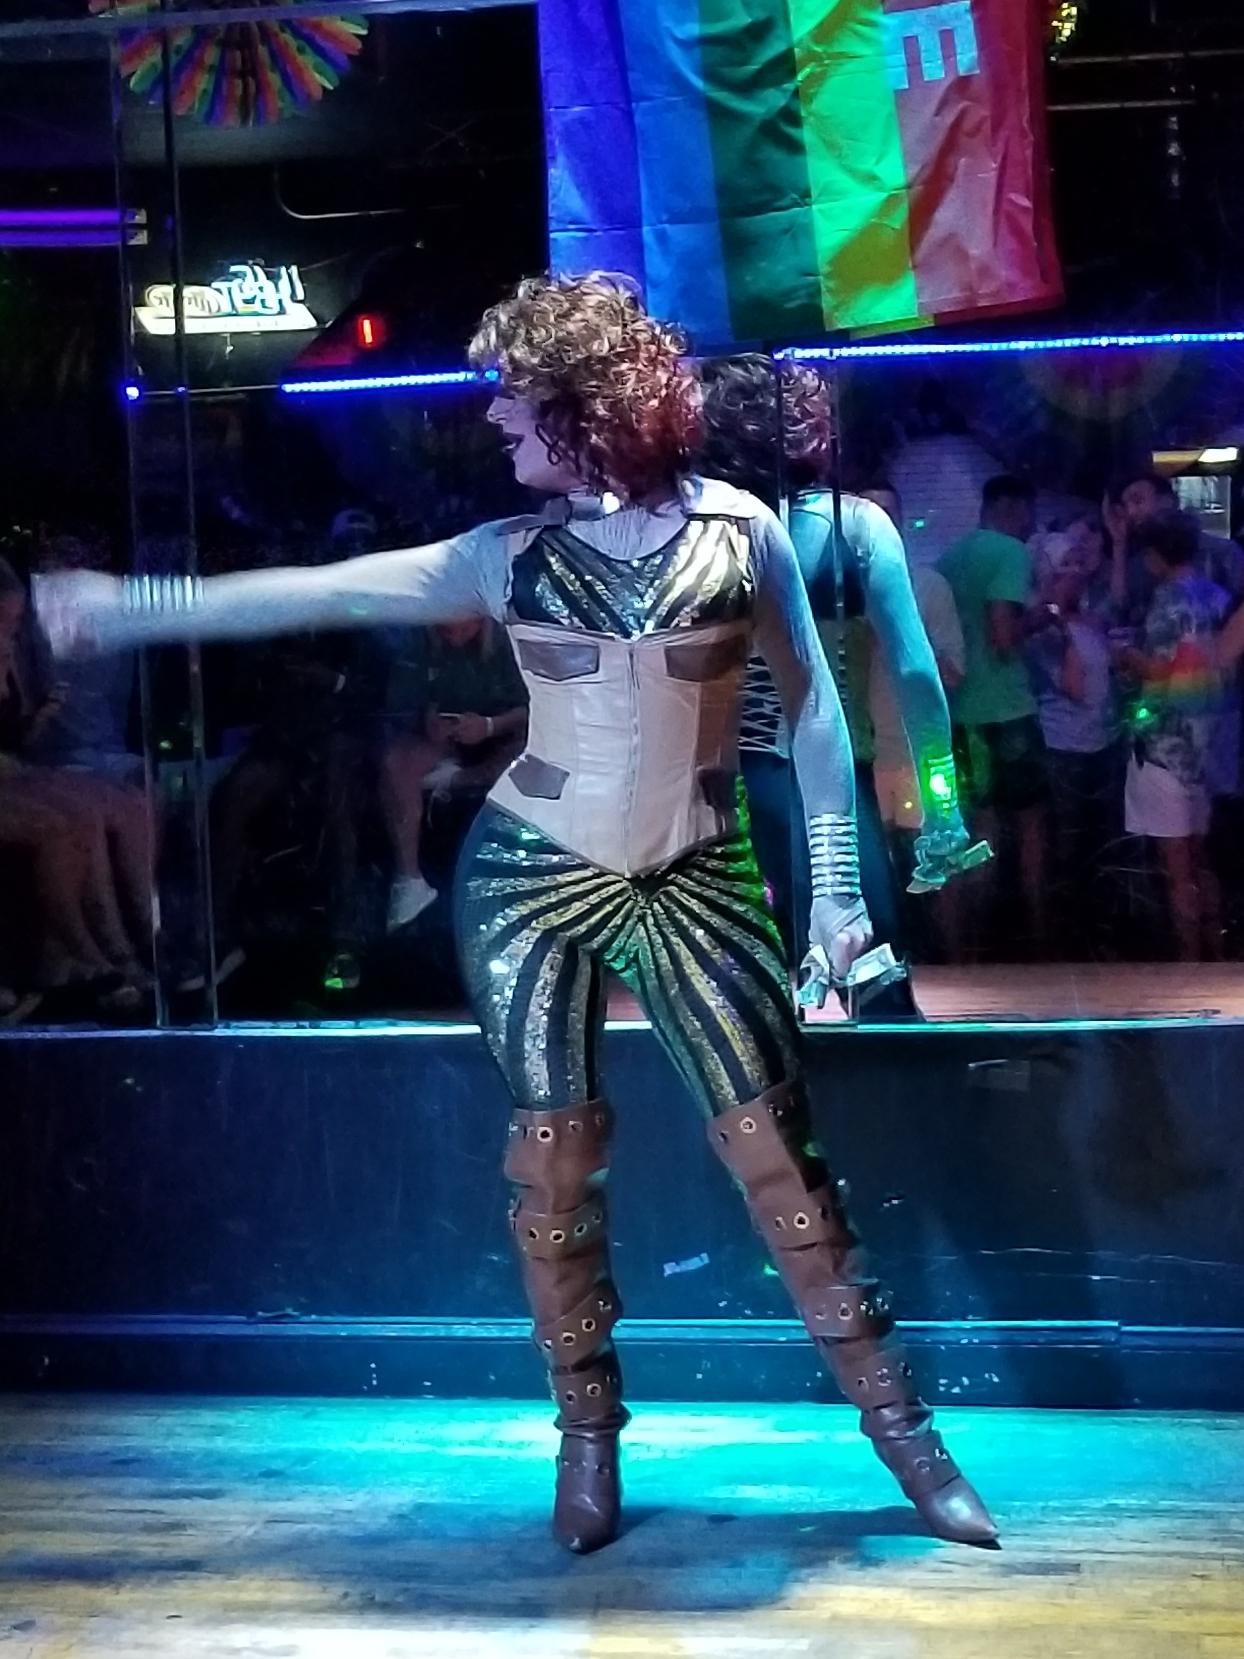 Gay Clubs In Birmingham Al